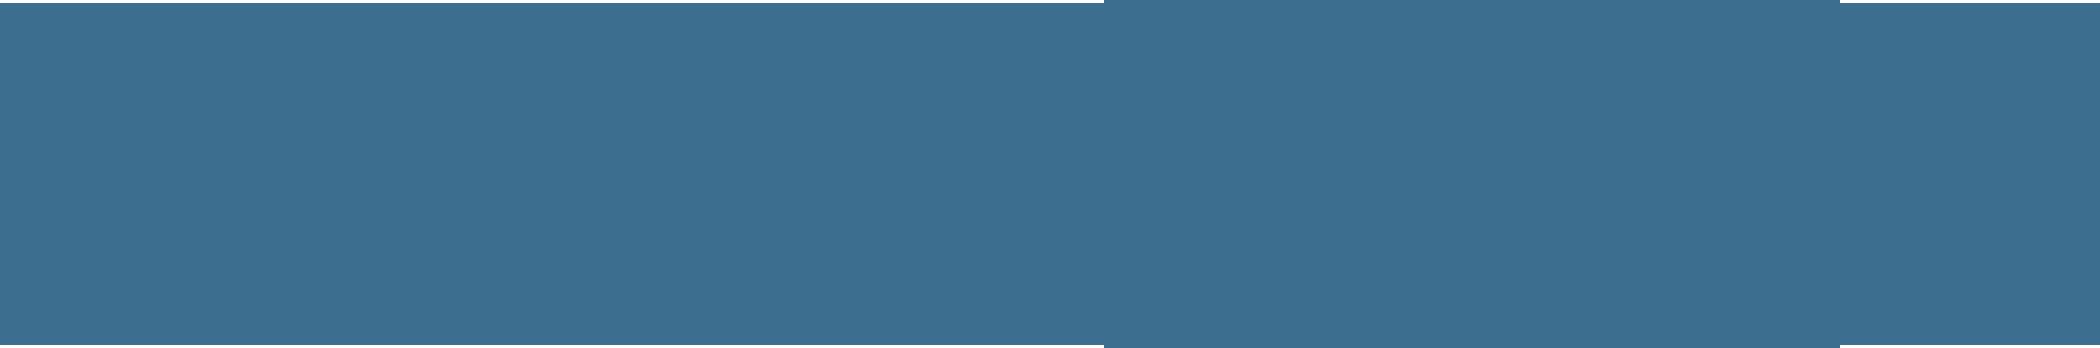 Trilogy_fund logo.png